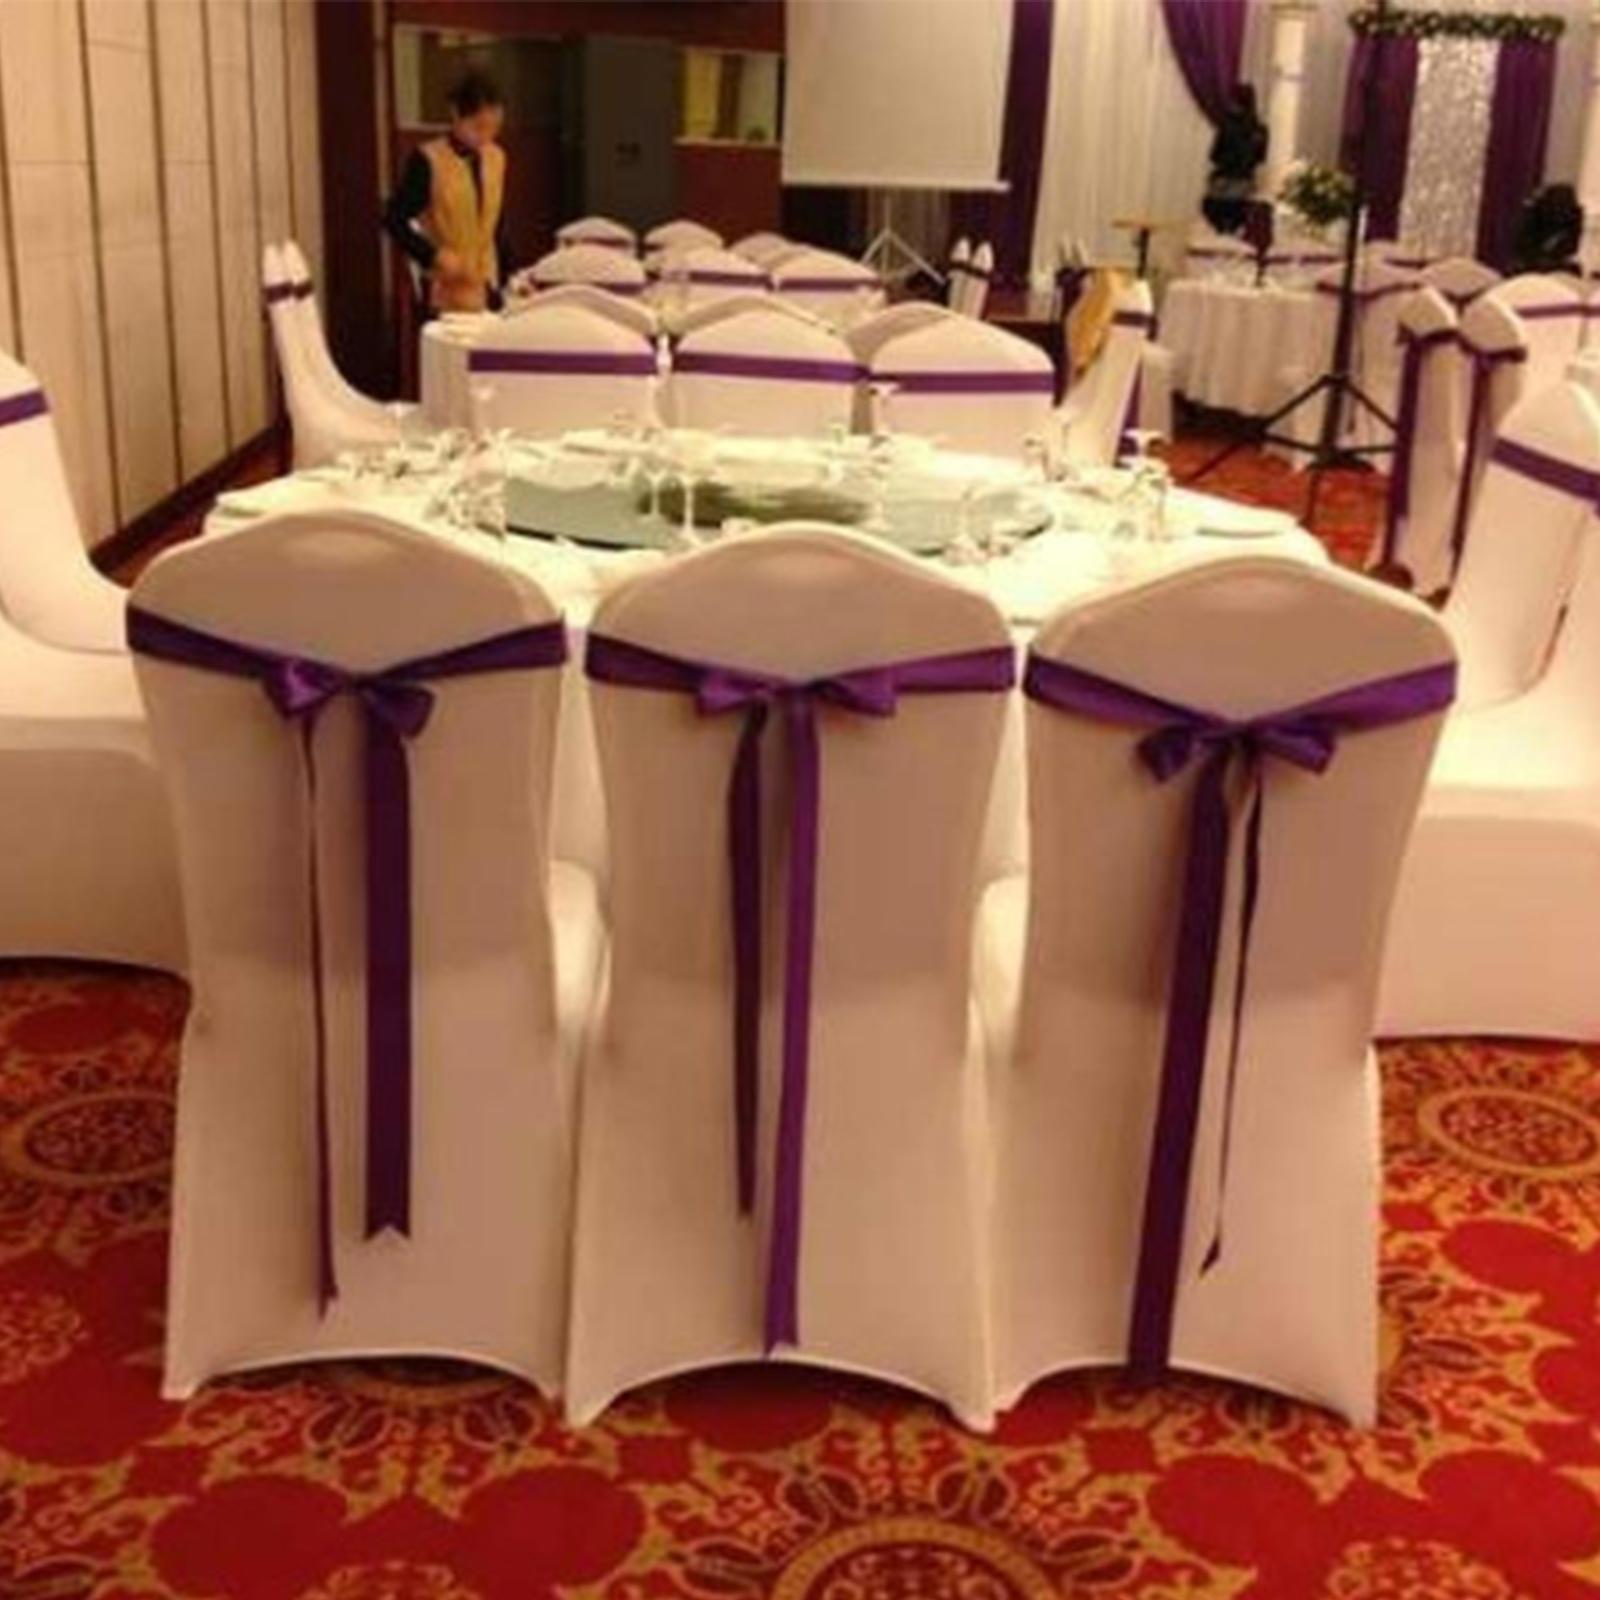 Как сделать свадебные чехлы для стульев